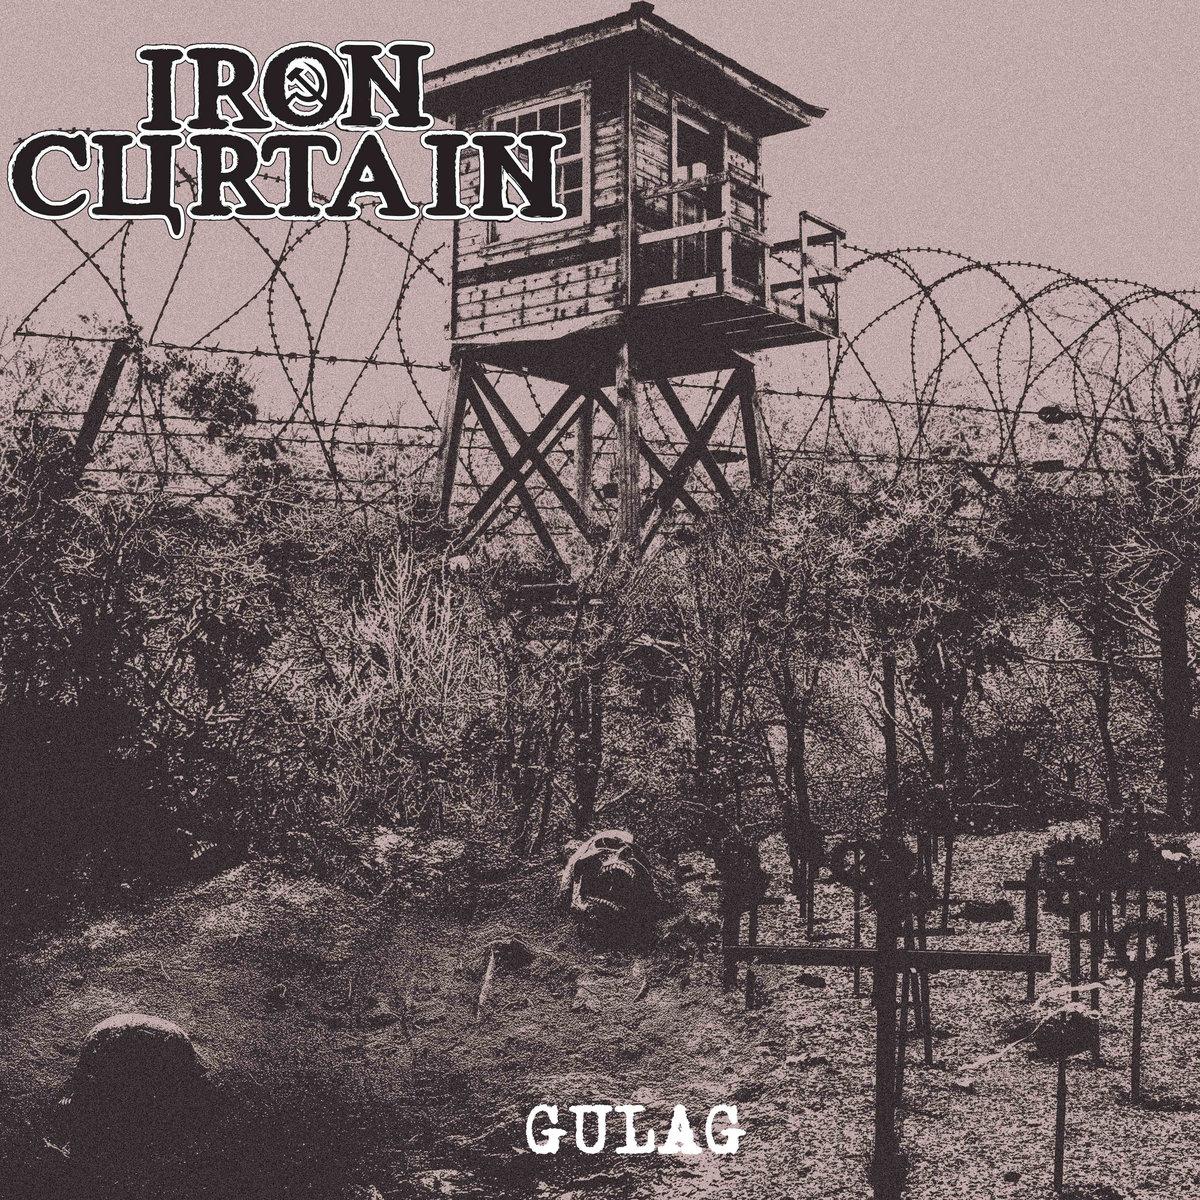 Iron curtain - Gulag